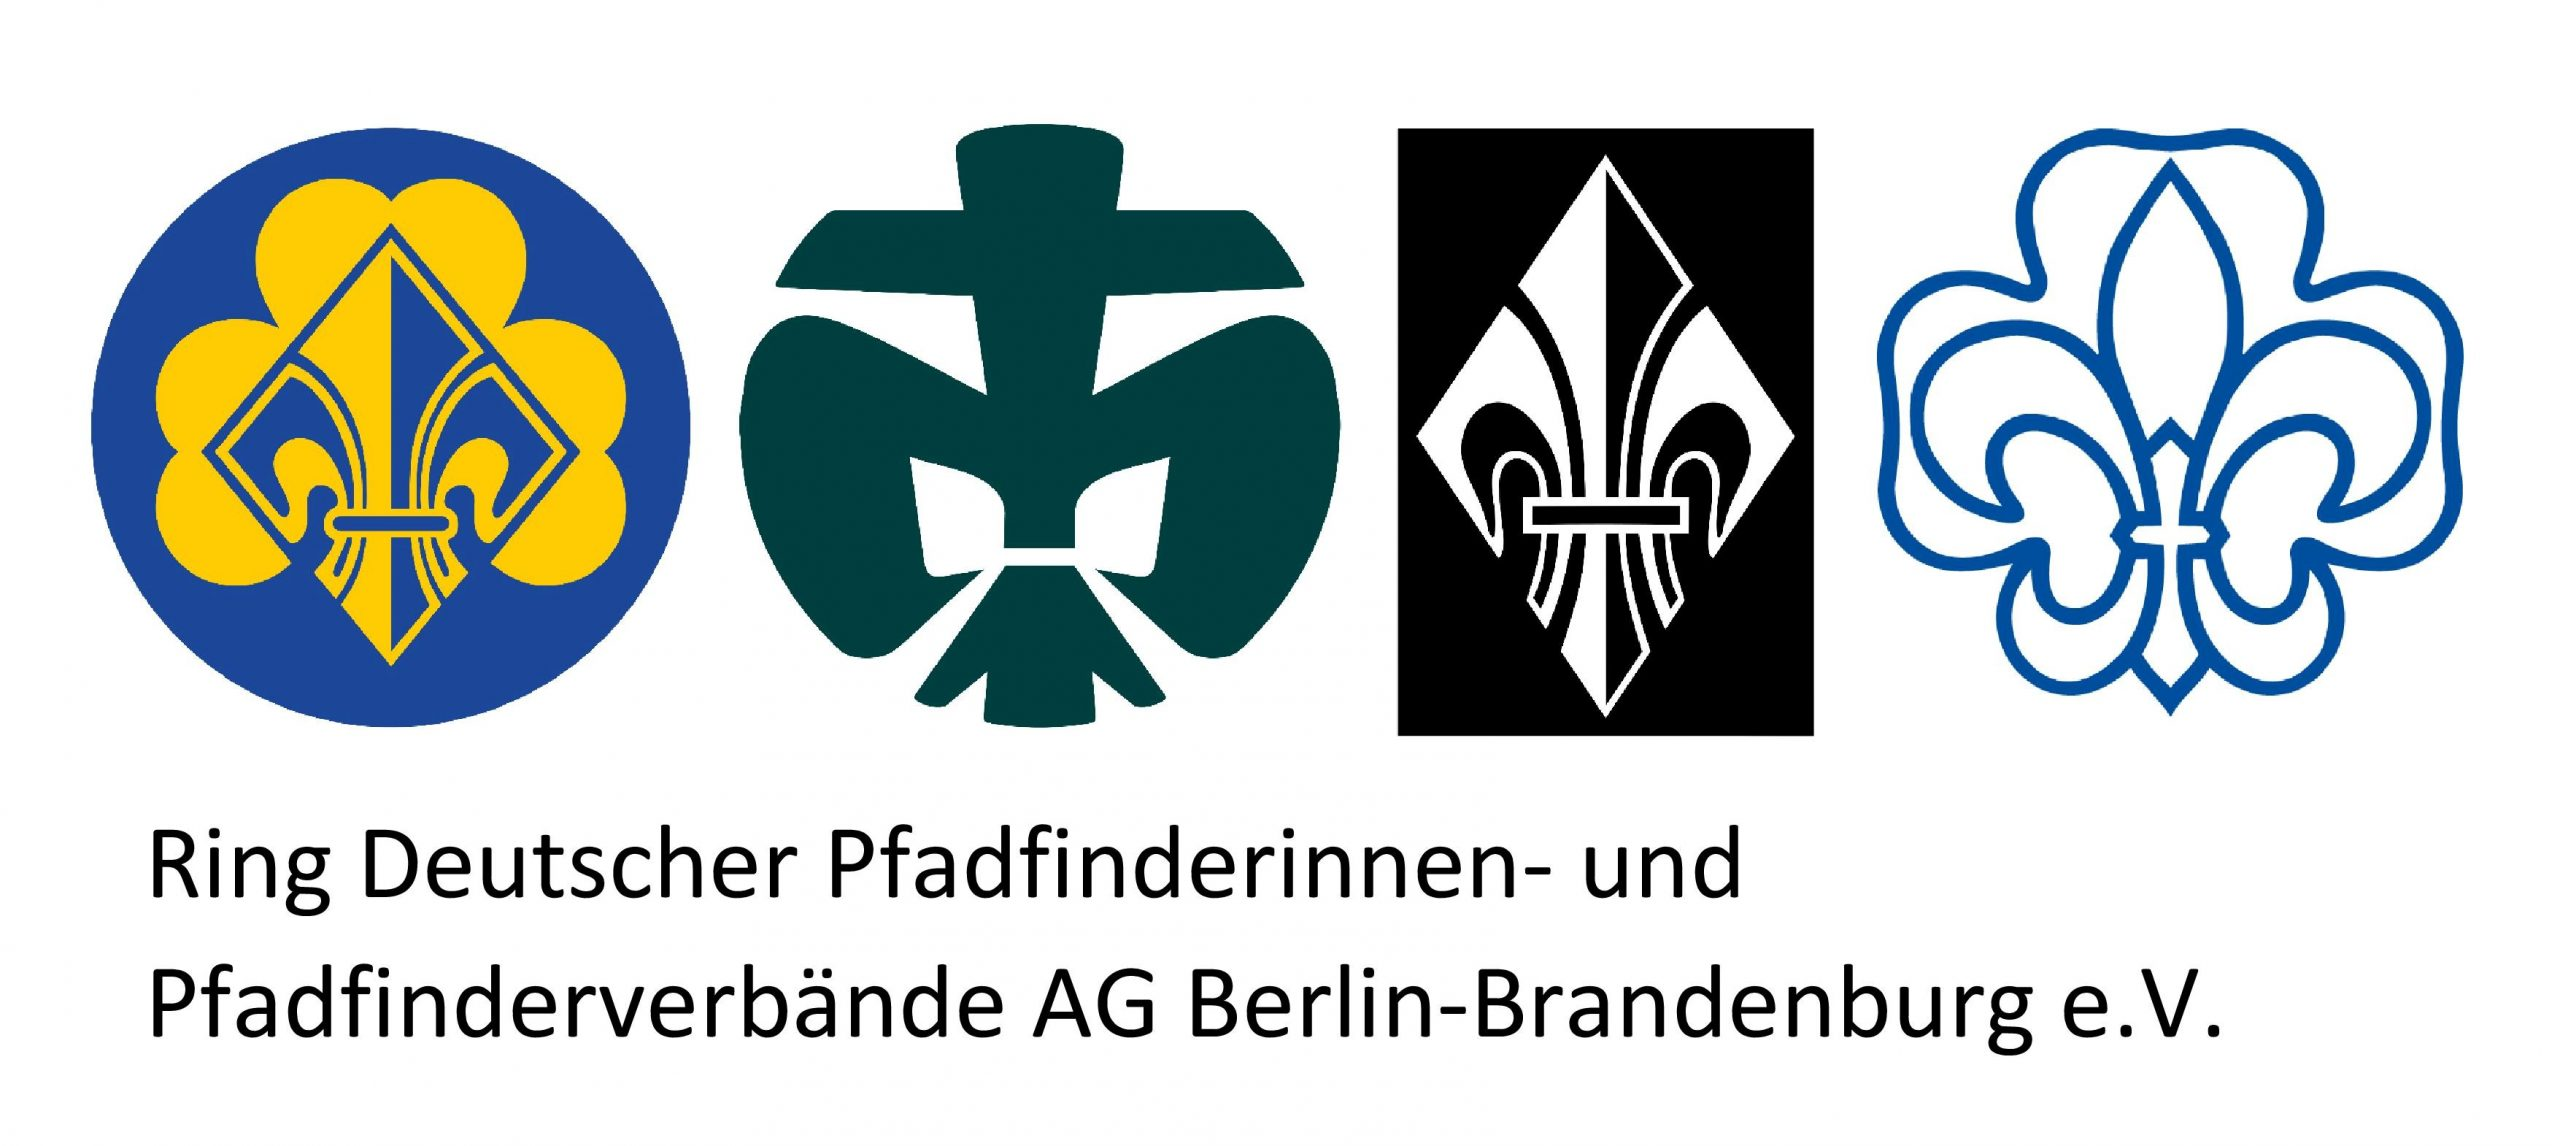 Ring Deutscher Pfadfinderinnen- und Pfadfinderverbände AG Berlin-Brandenburg e.V.